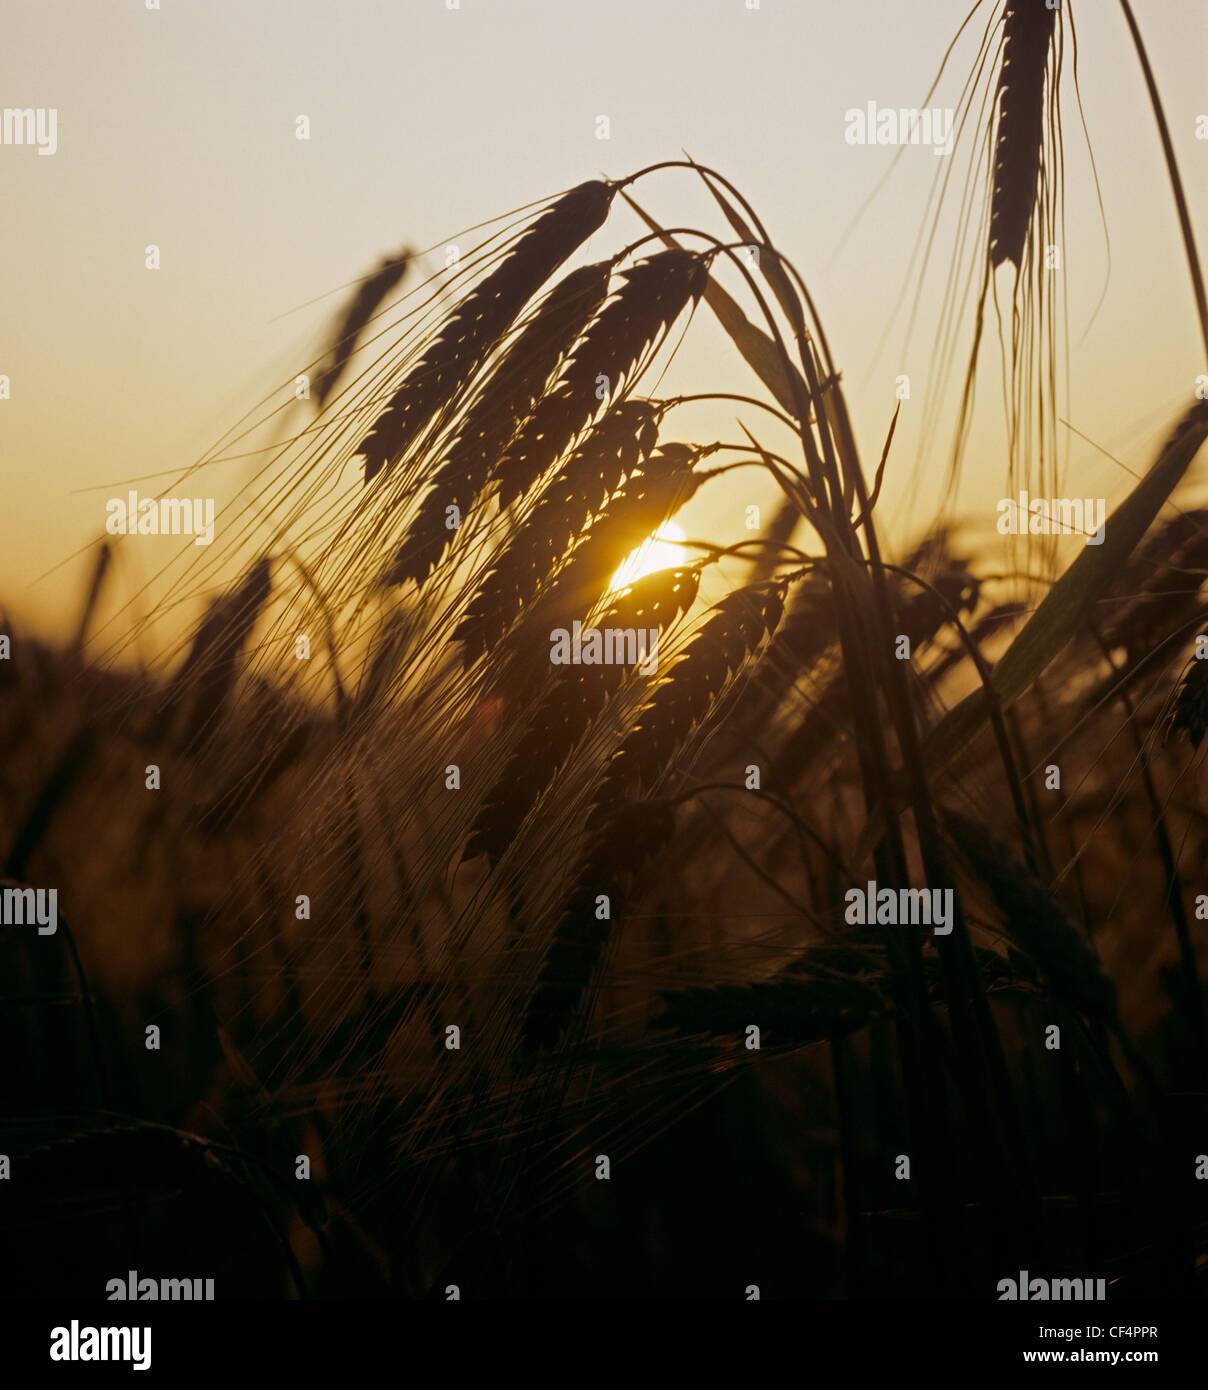 Gerste Ohren gegen einen warmen Sommer Sonnenuntergang Stockbild